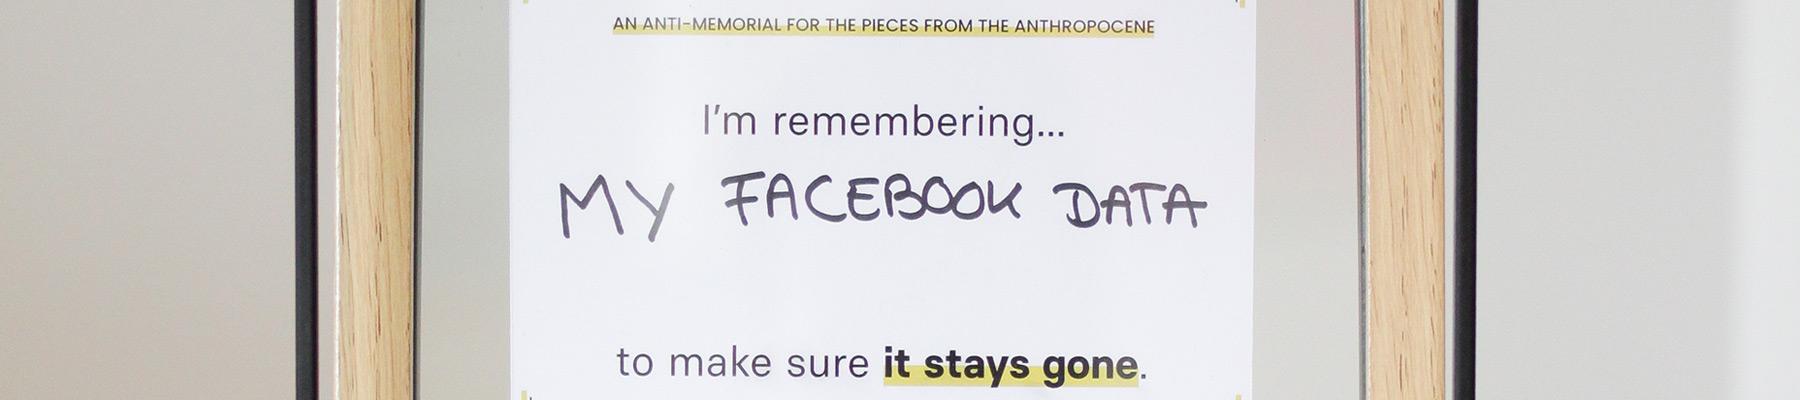 Datamnatio memoriae, the anti-memorial